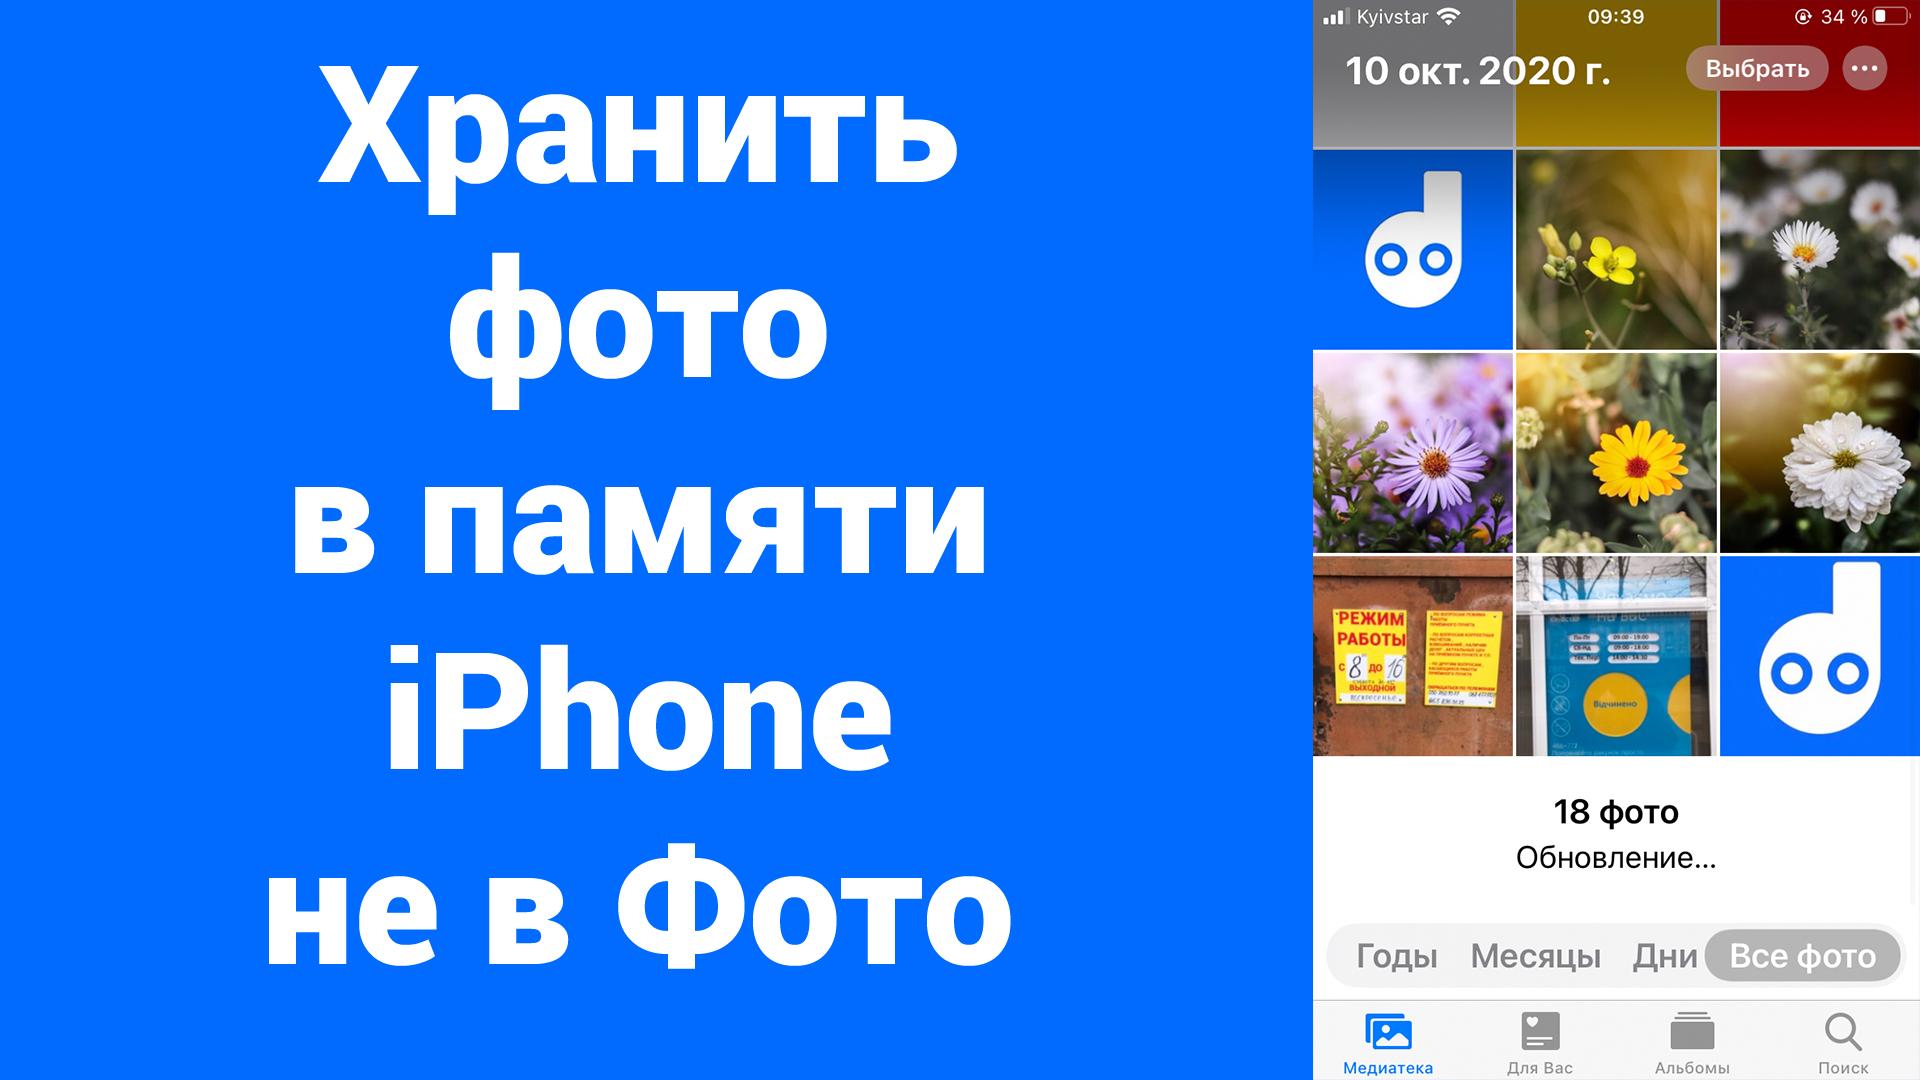 Как перенести фото на iPhone и не сохранилось в Фото (Альбом)